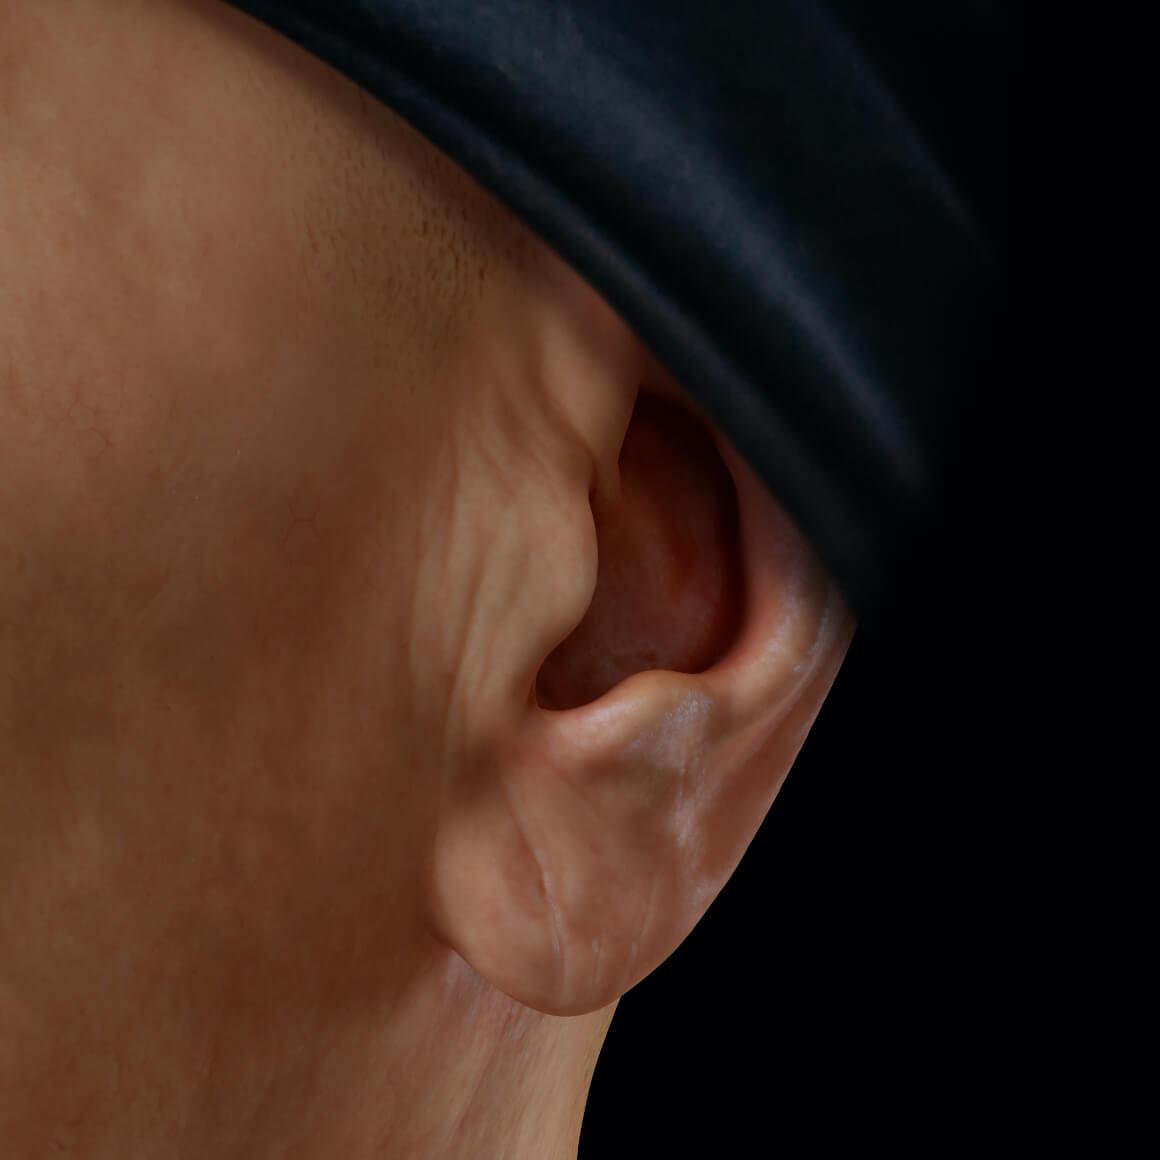 Lobe d'oreille gauche d'un patient de la Clinique Chloé positionné en angle montrant du relâchement